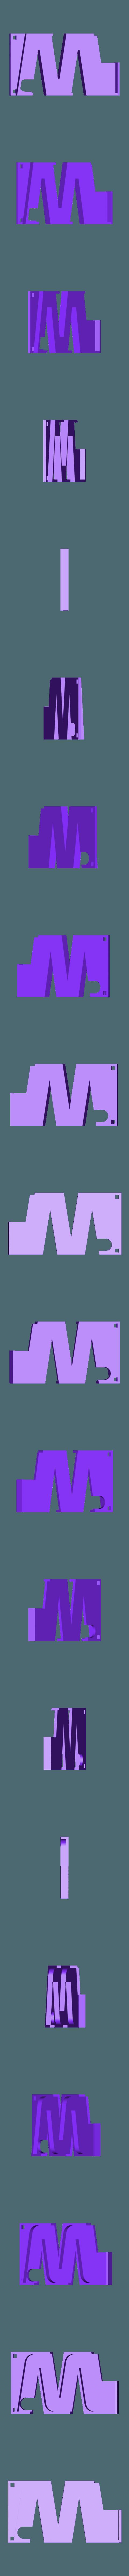 """Track_Zigzag_New.stl Download free STL file Marblevator """"Mini"""", Zigzag Edition Track • 3D print design, gzumwalt"""